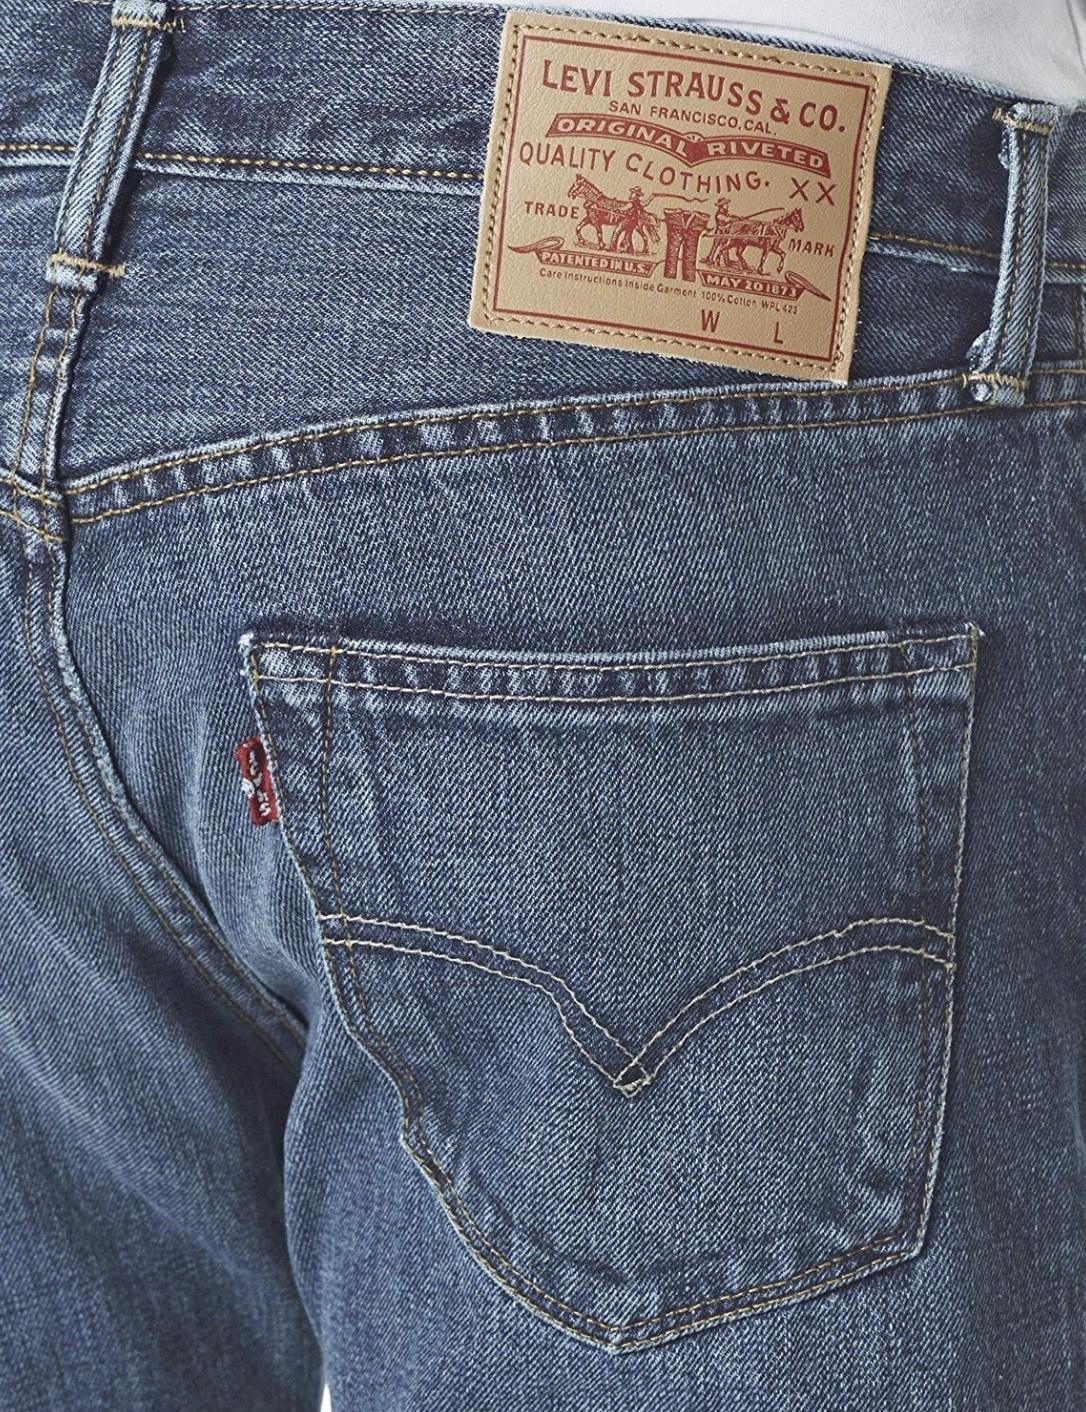 Original fit Levi 501's £34 @ Amazon